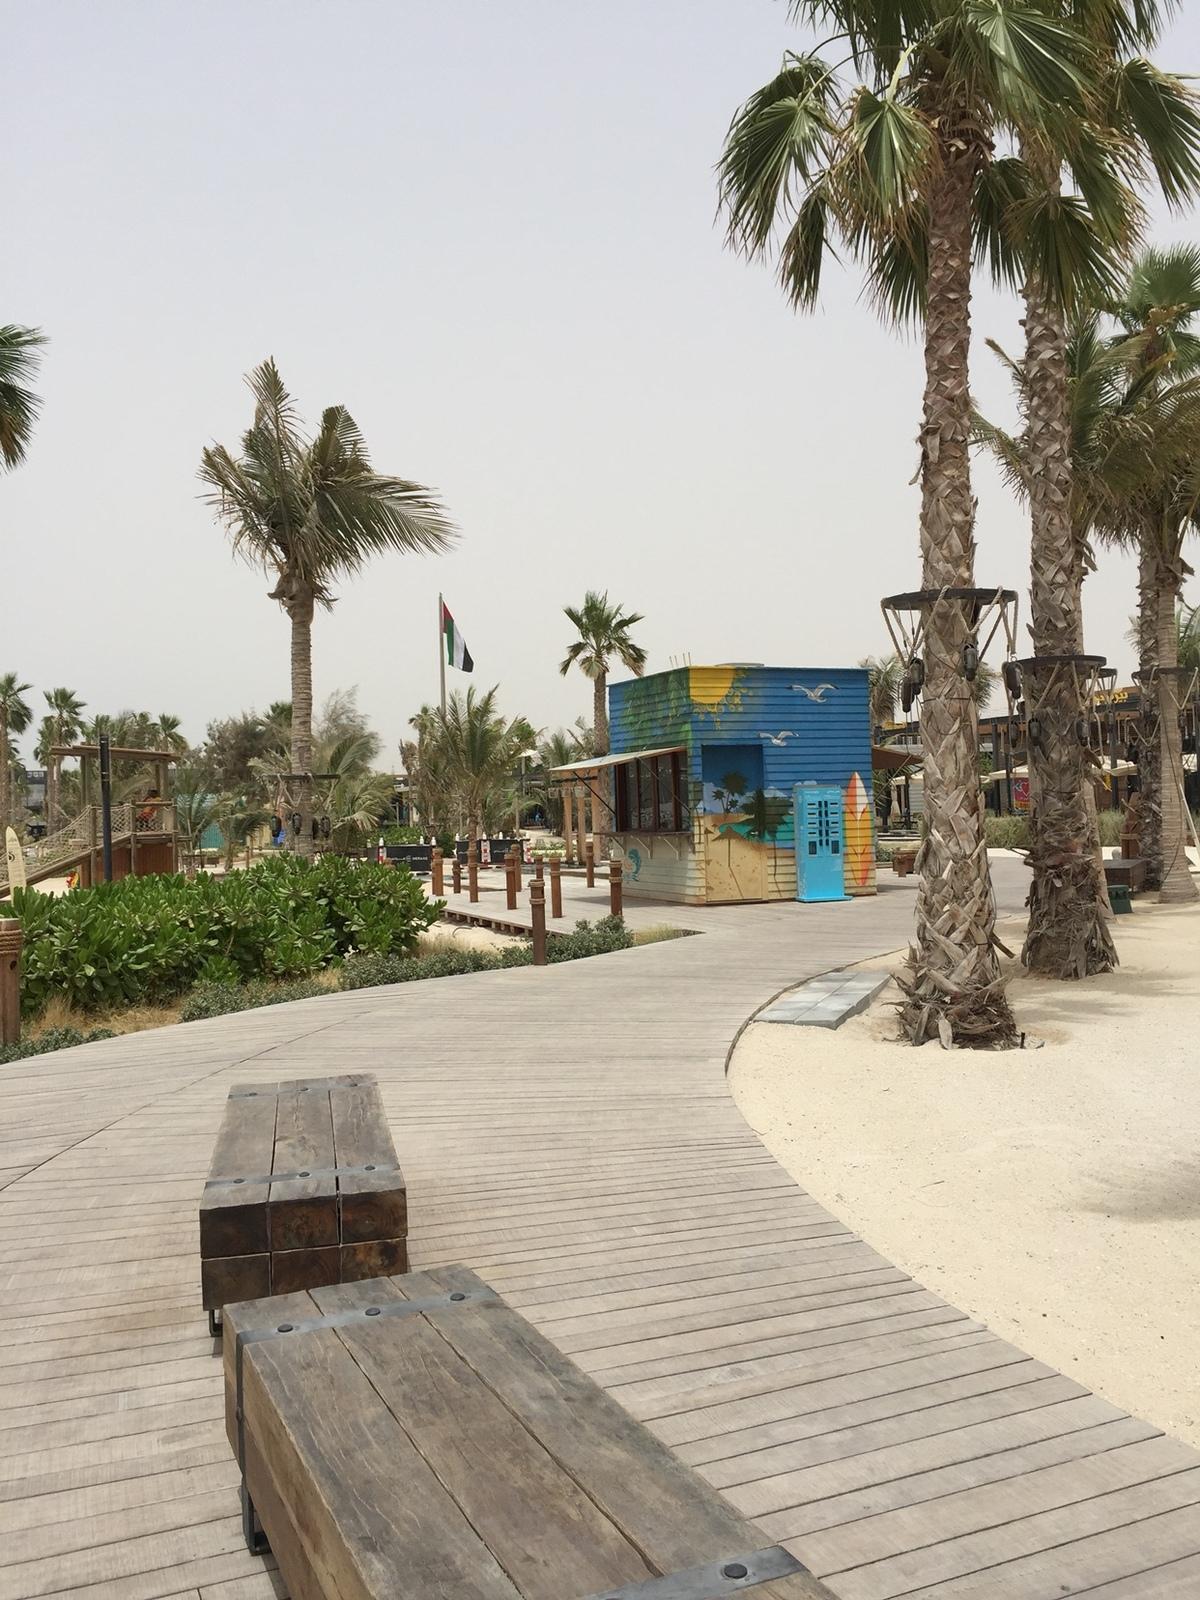 661611 المسافرون العرب دبي مدينة الجميرا